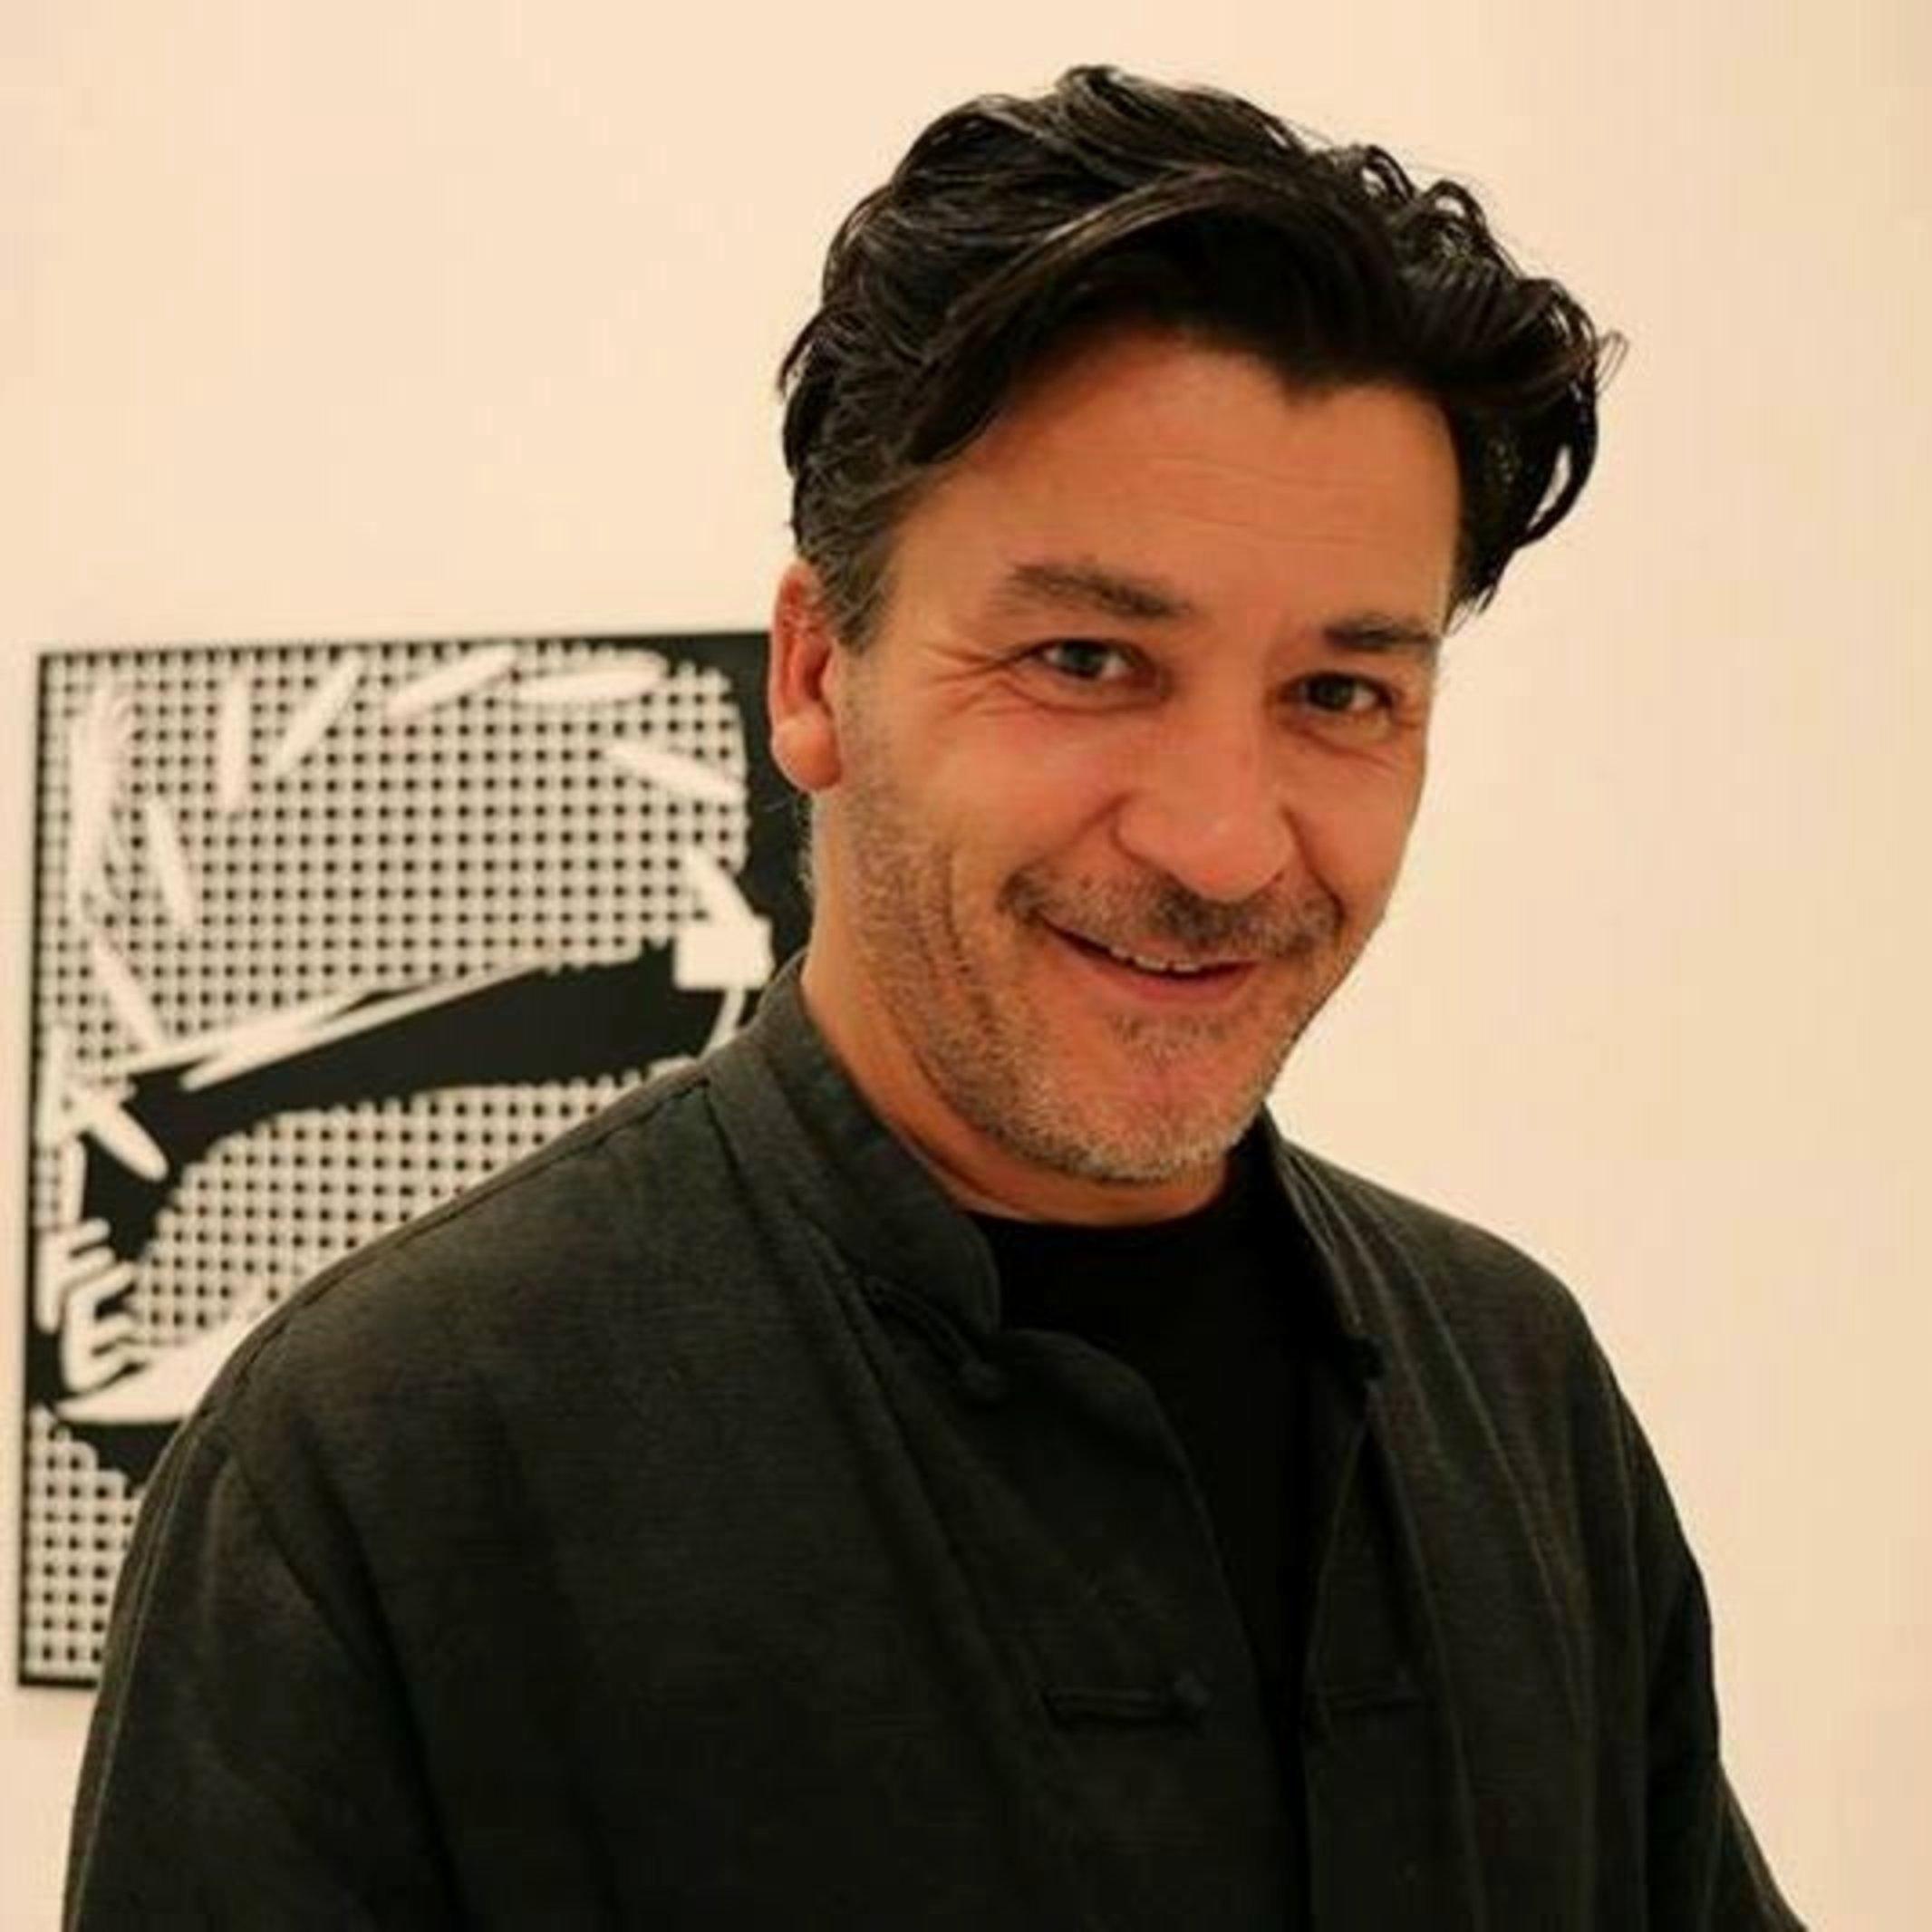 Massimo Mattioli